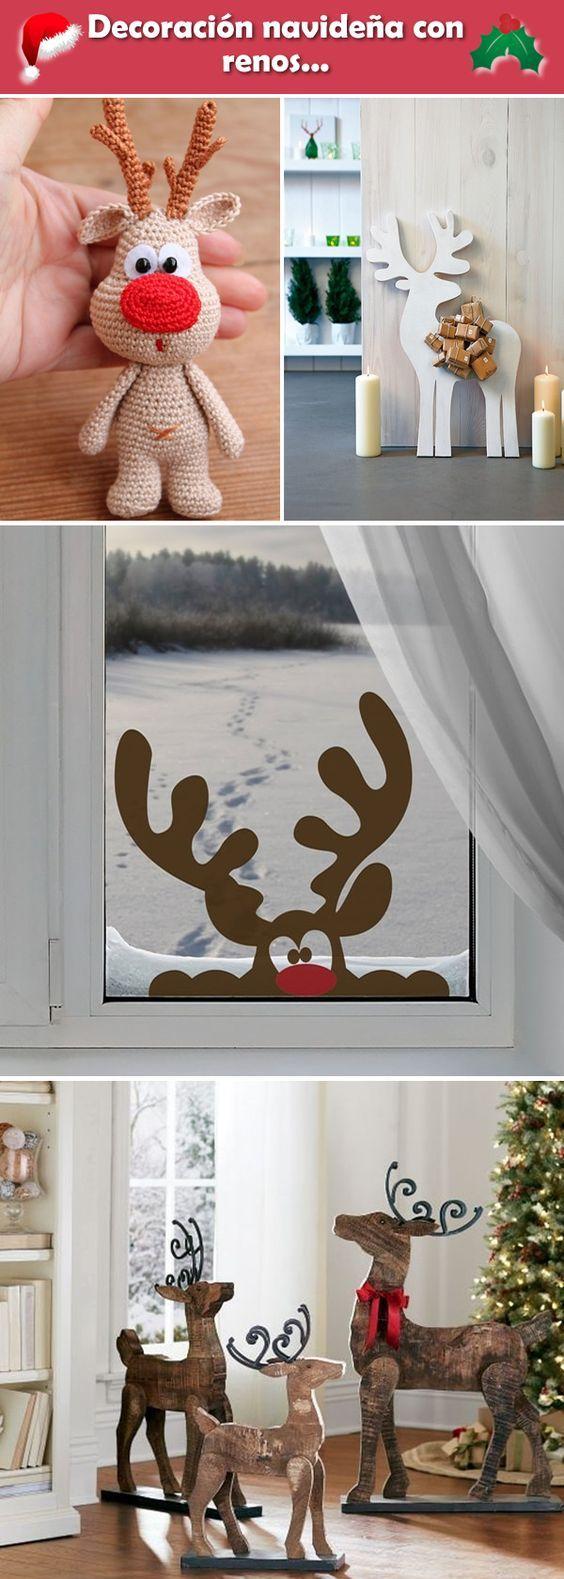 Decoración navideña con renos. Renos para decorar la Navidad. Ideas para decorar la Navidad con renos.